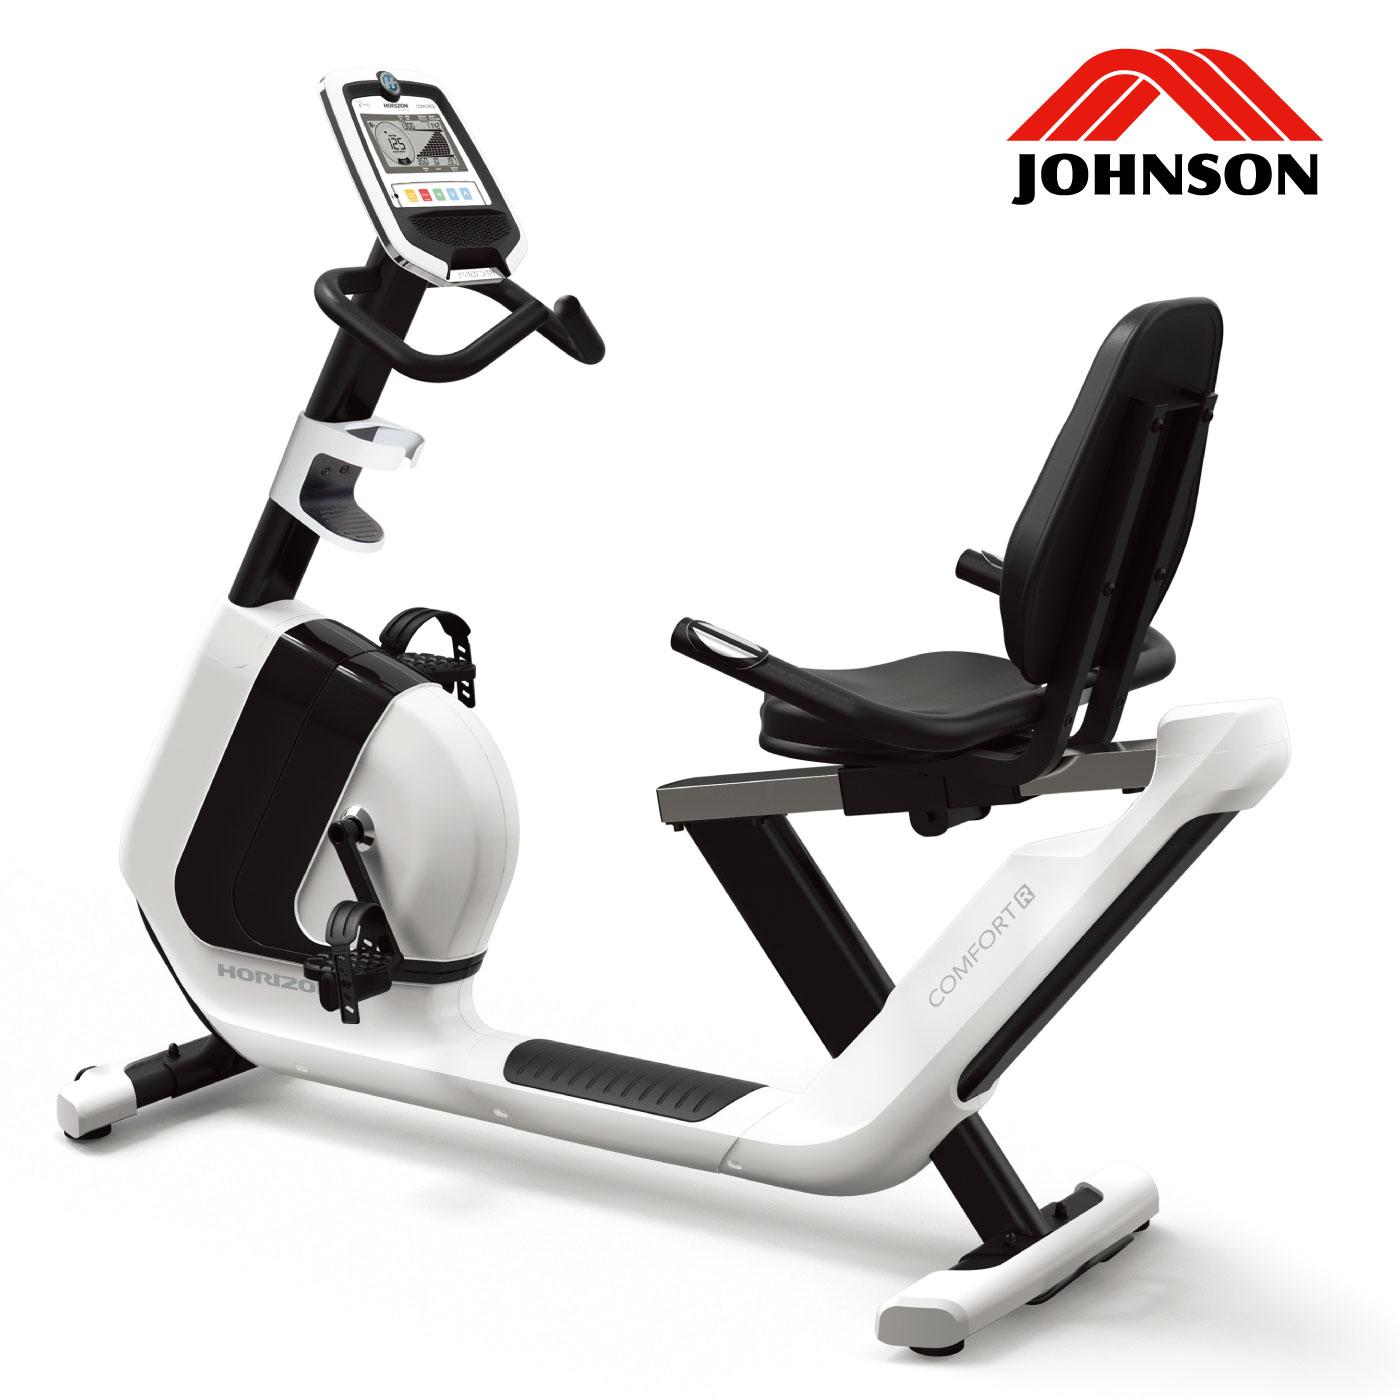 ComfortR/家庭用リカンベントバイク〈HORIZON〉《ジョンソンヘルステック》